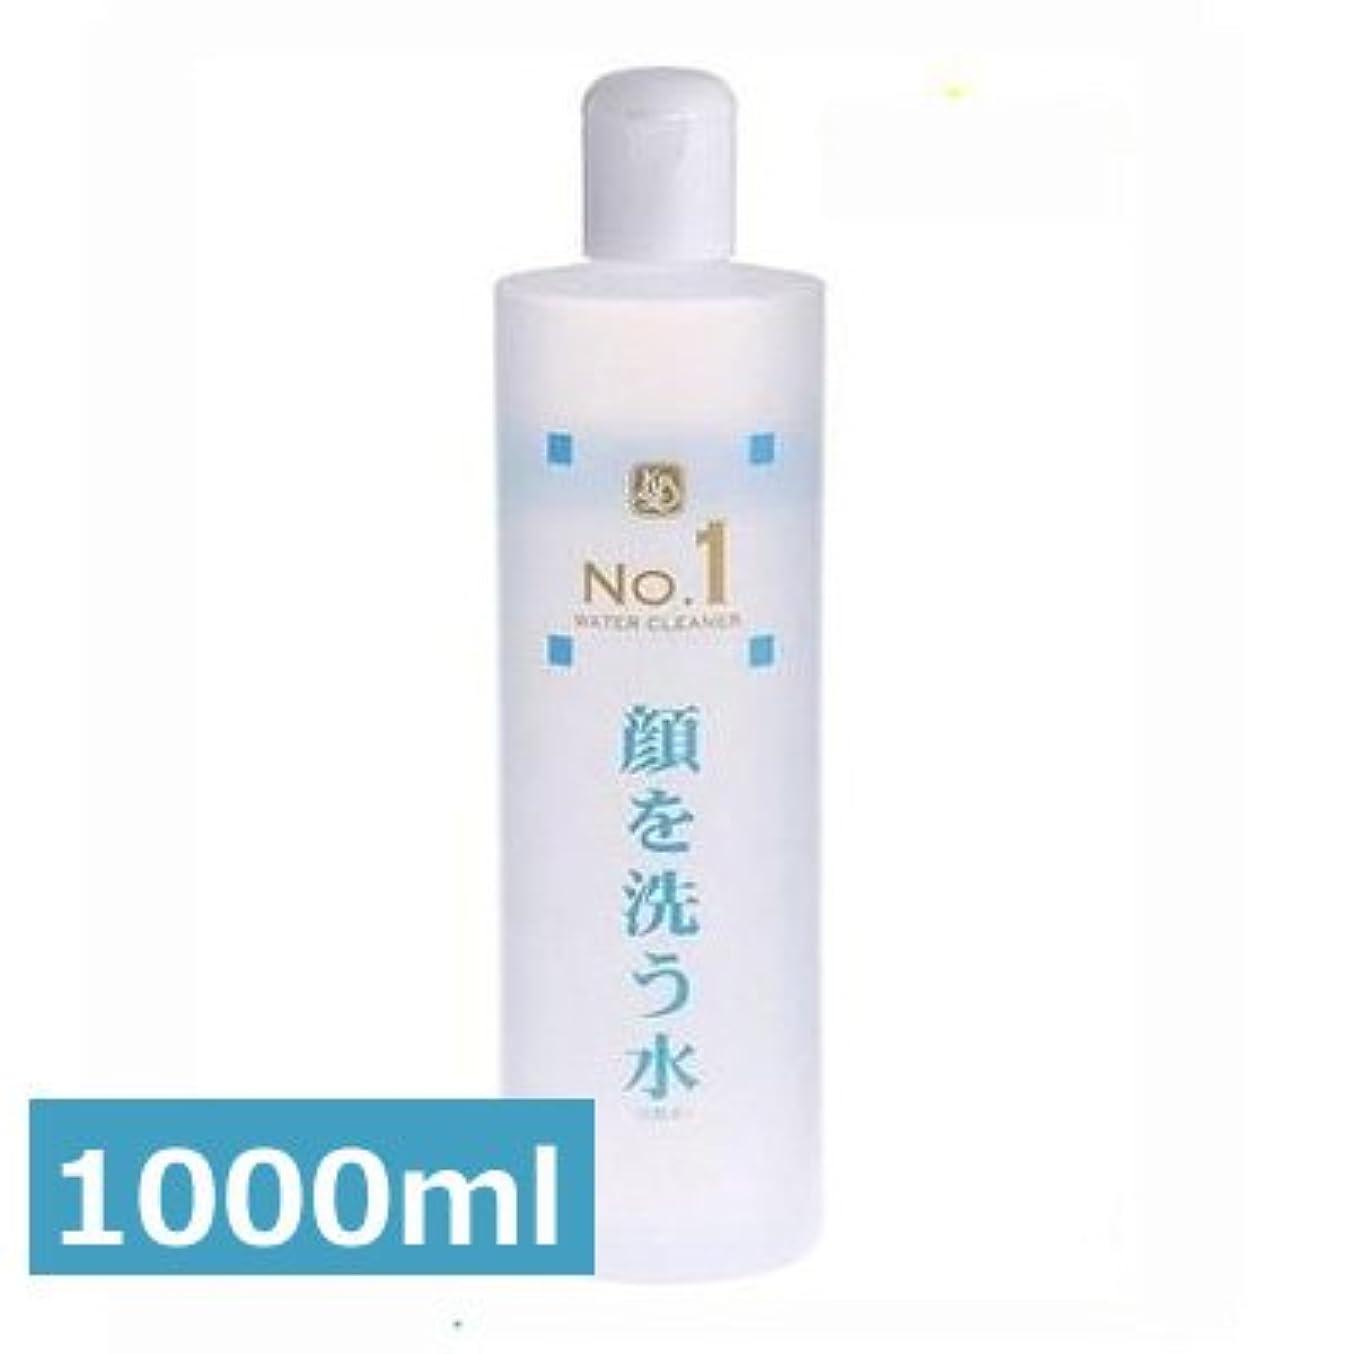 その後安価なイサカ顔を洗う水 No.1 1000ml×2本